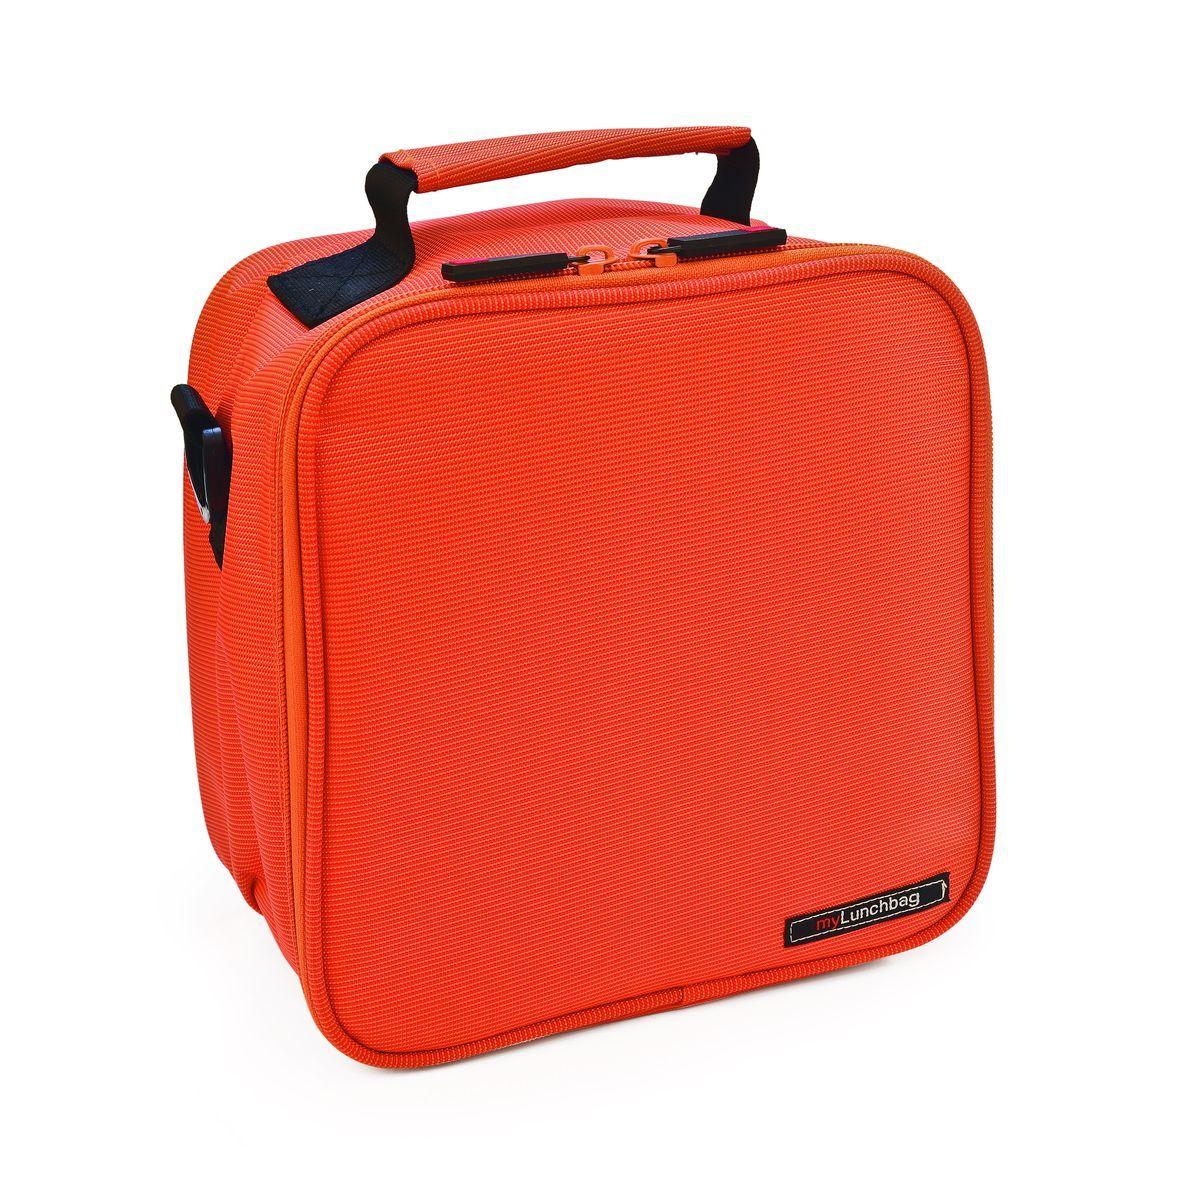 Термо ланч-бокс Iris BASIC MyLunchbag, цвет: оранжевыйI9235-TXТермоЛанчбокс BASIC? MyLunchbag?. Отлично сохраняет свежесть и вкус продукта на несколько часов. Пригодится везде: на прогулке, на работе, учебе и т.д. С ним легко справится даже ребенок! Присутствует удобный кармашек для аксессуаров и регулируемый ремень для переноски (в одной руке или на плече). Рекомендуется регулярно стирать сумку вручную в теплой воде с мылом. Сделан из полиэстера